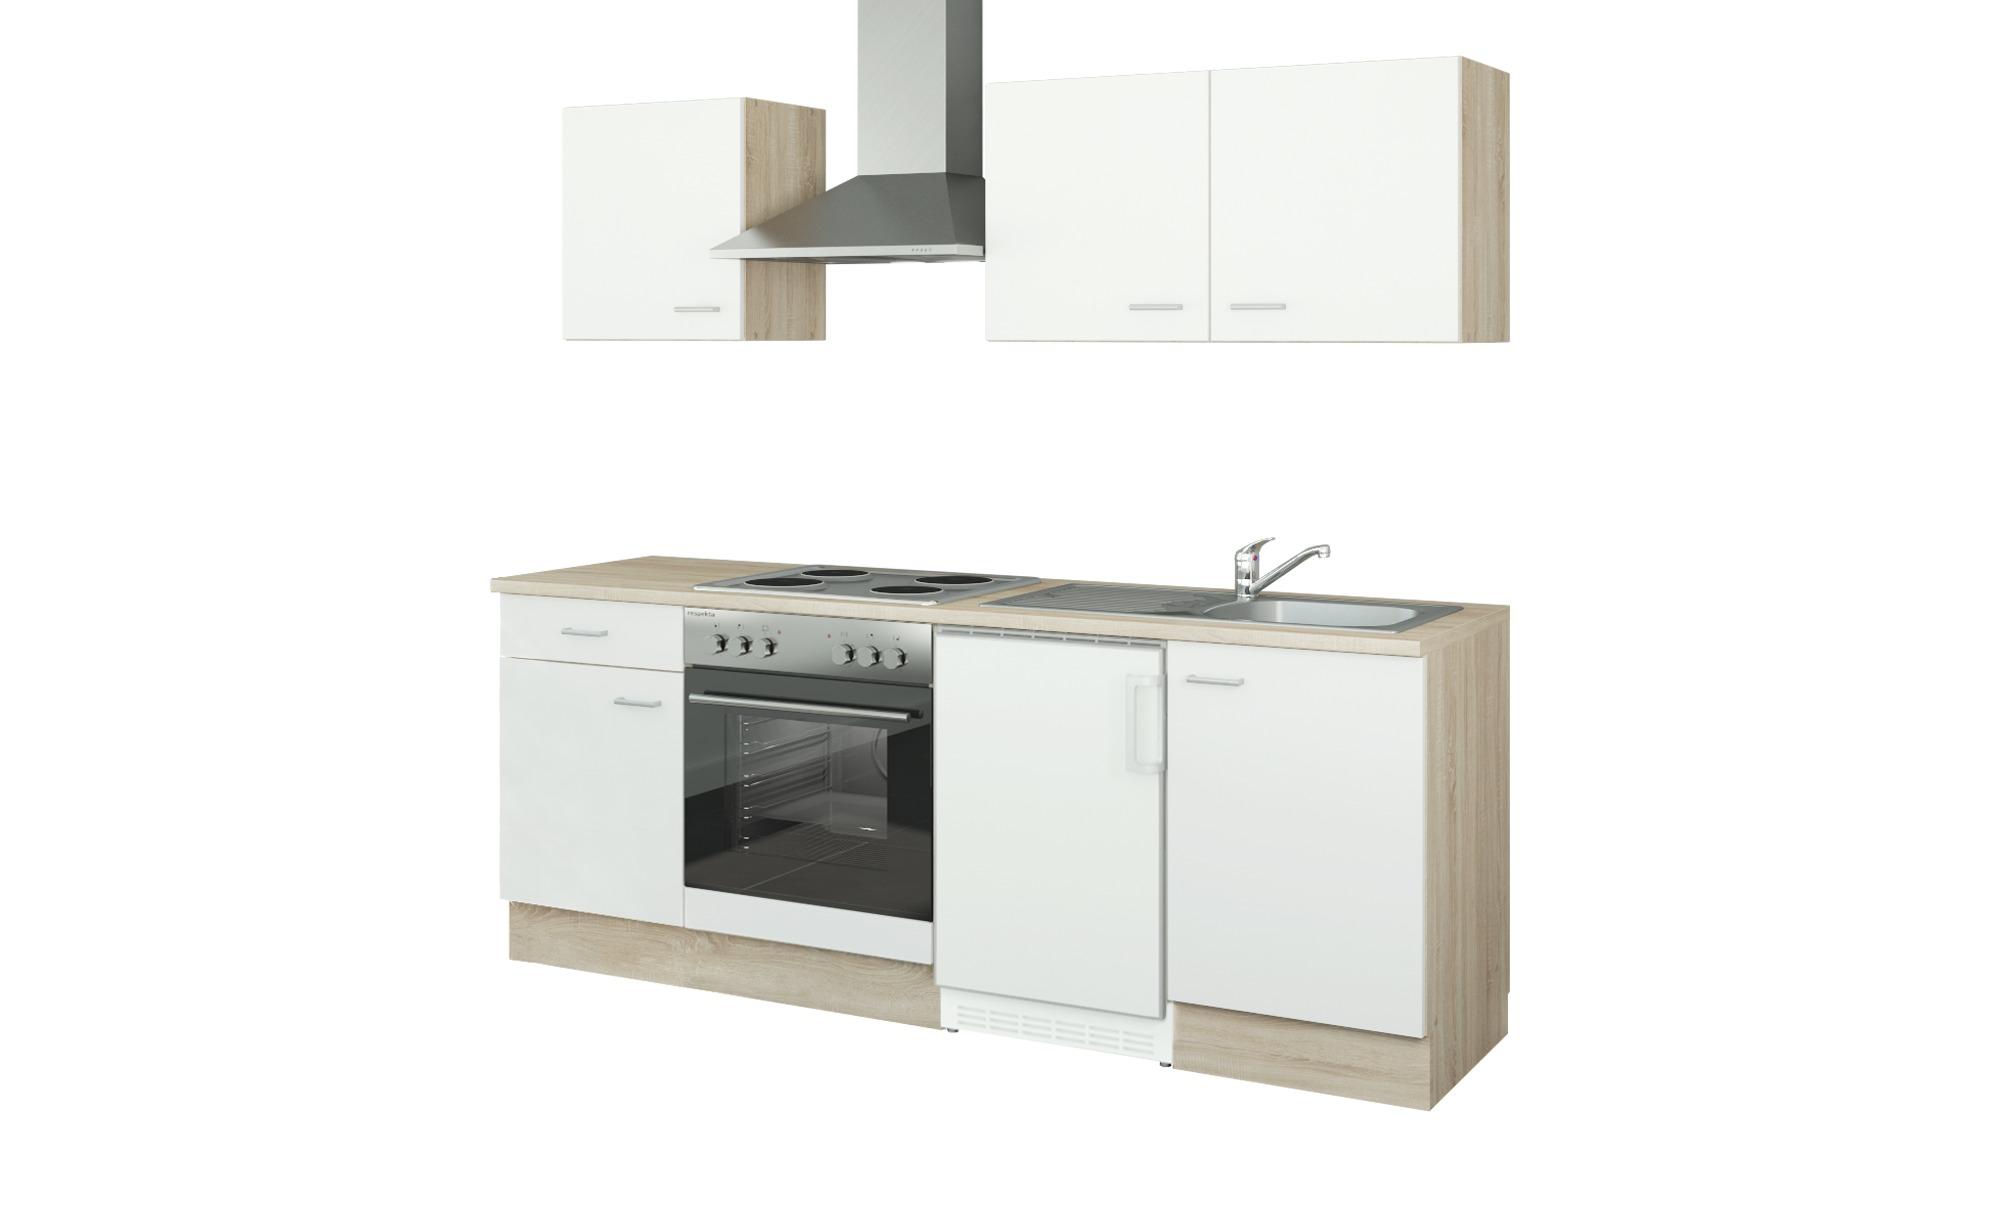 uno Küchenzeile mit Elektrogeräten  Ulm ¦ weiß ¦ Maße (cm): B: 210 Küchen > Küchenblöcke mit E-Geräten - Höffner